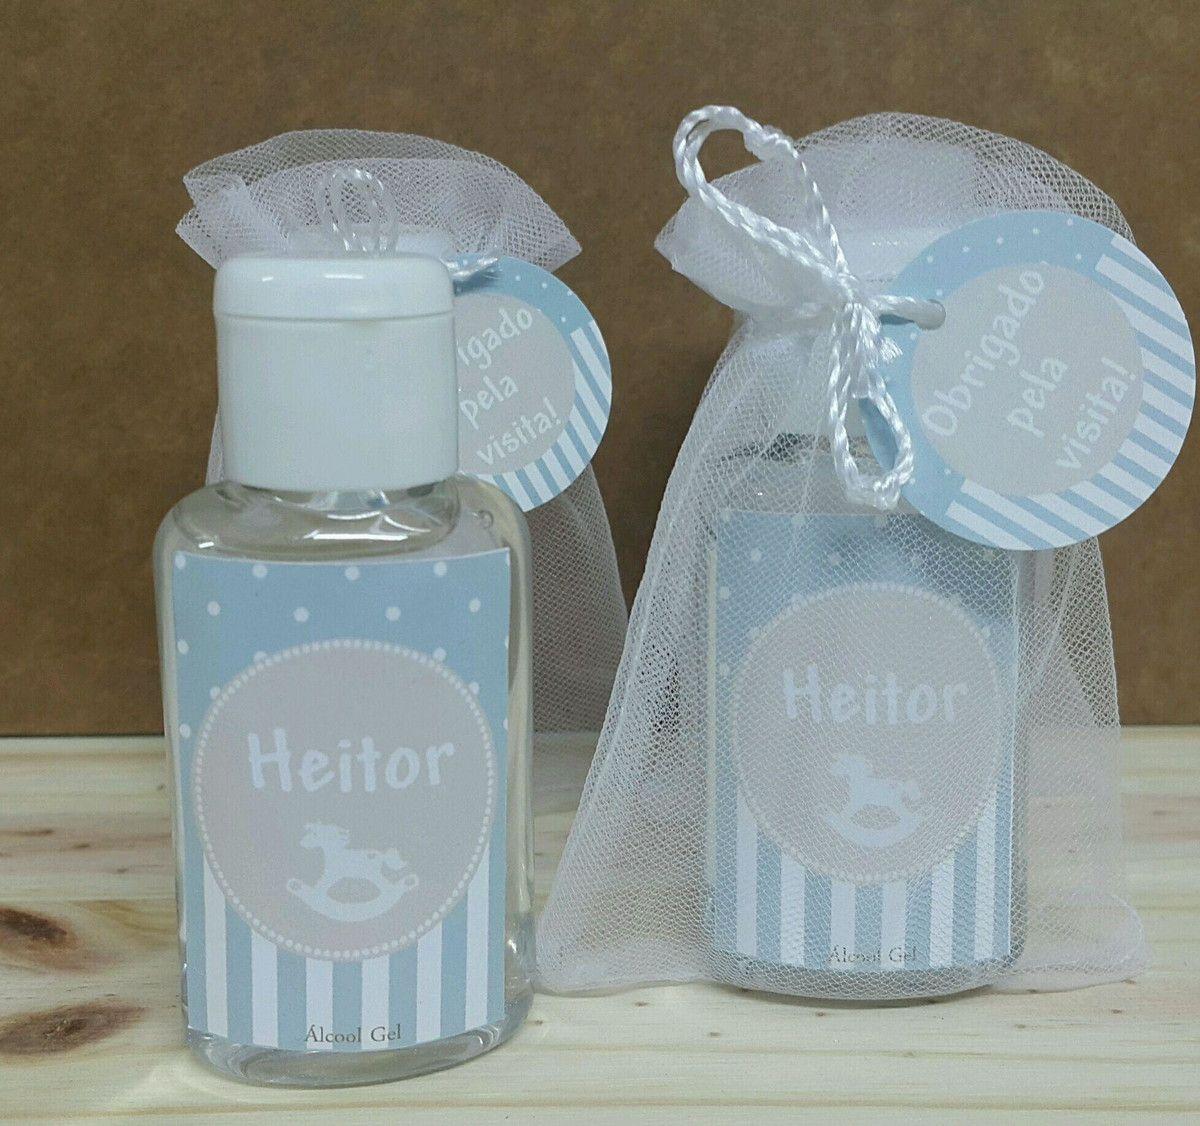 Alcool gel 30 ml. Acompanha etiqueta personalizada e tag de agradecimento.  Embalados em saquinhos 886298109d